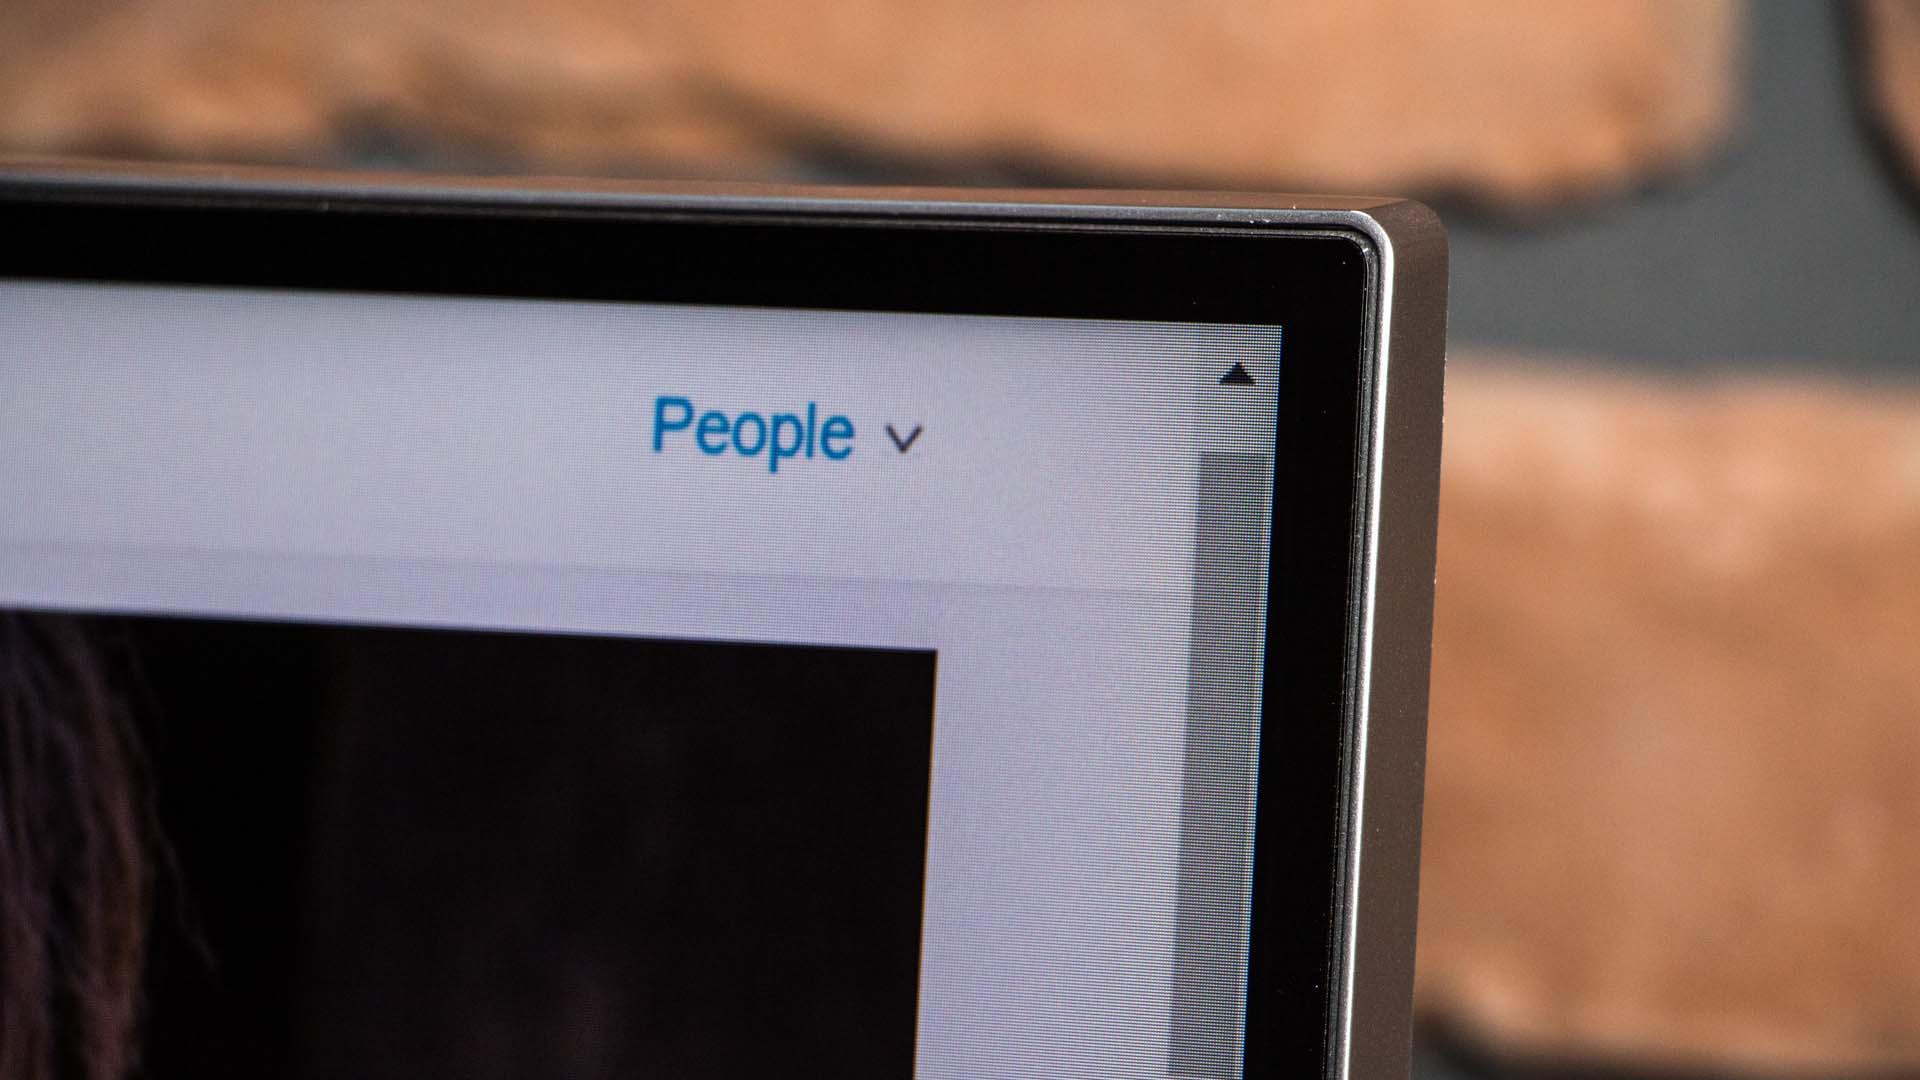 Samsung Curved C34F791 ramka ekranu